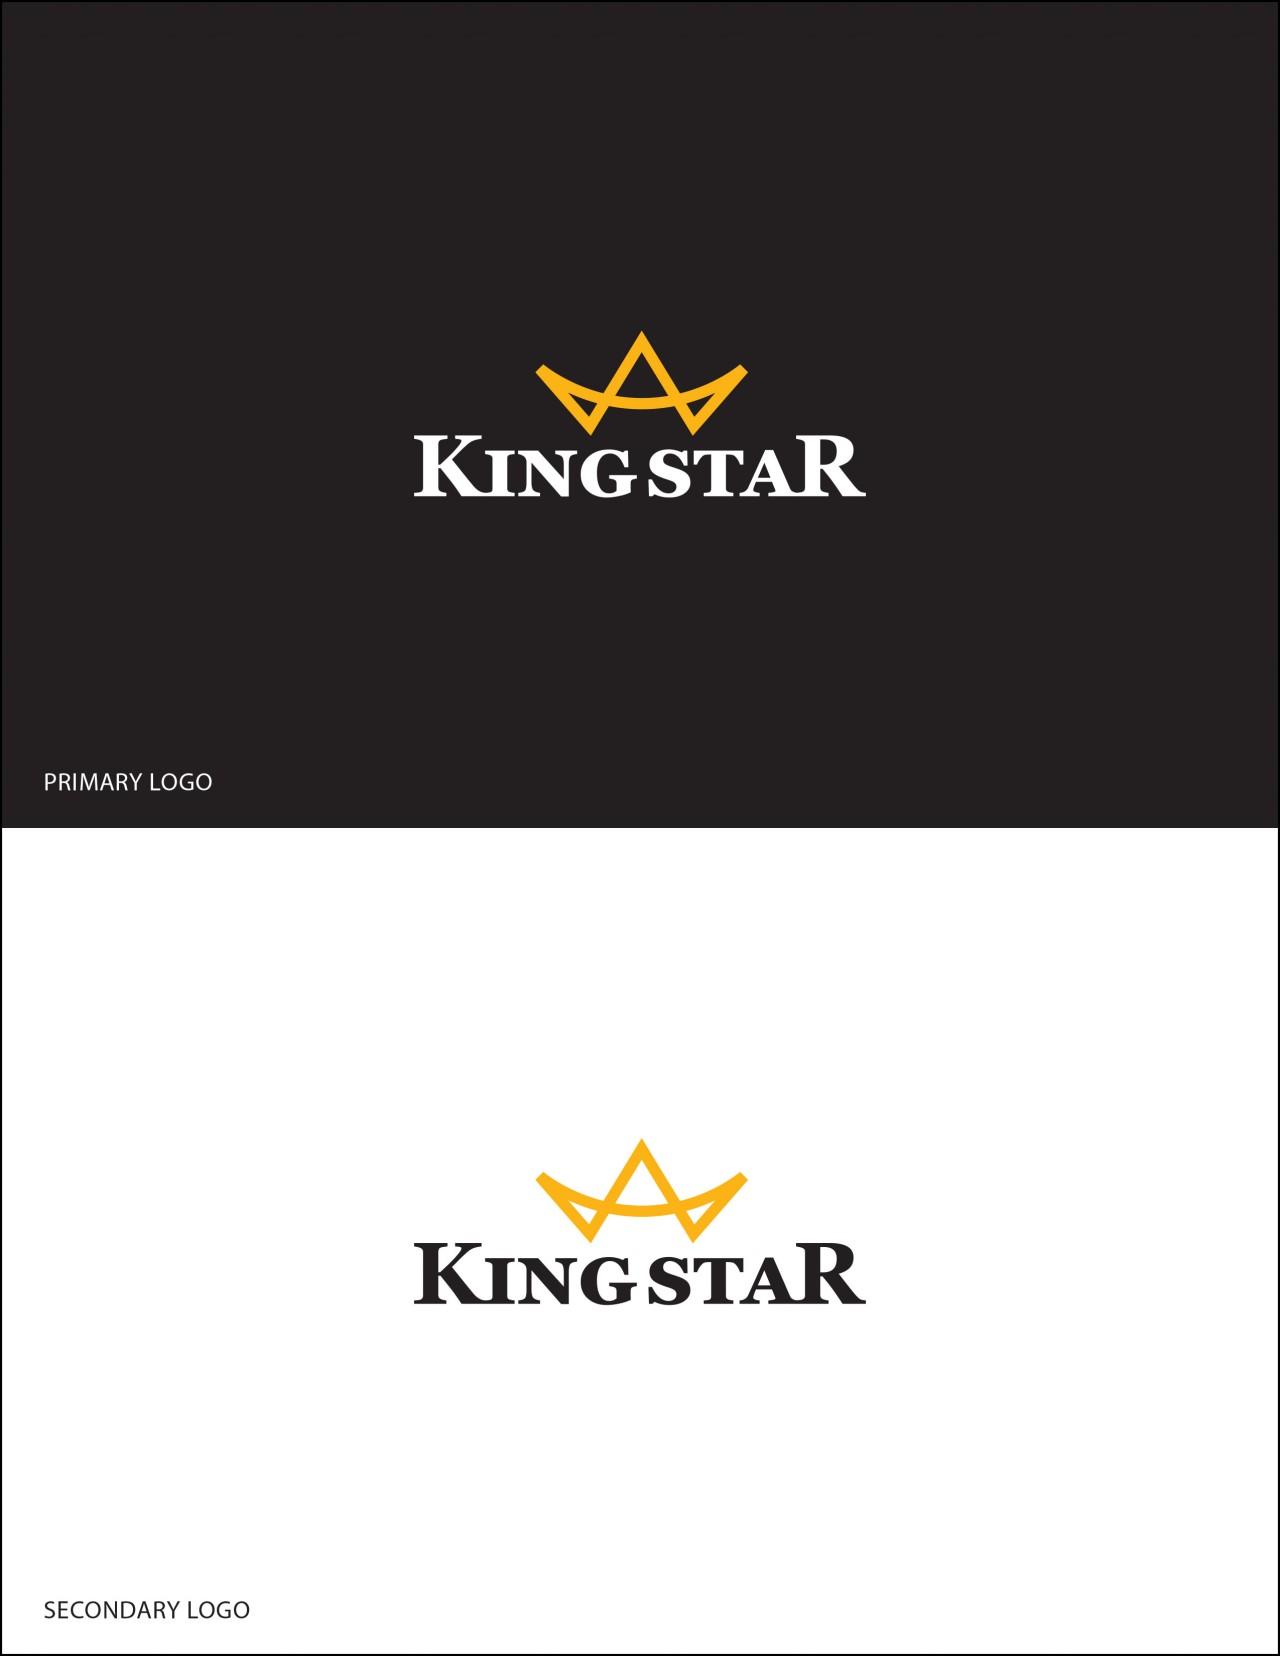 king star crown logo design